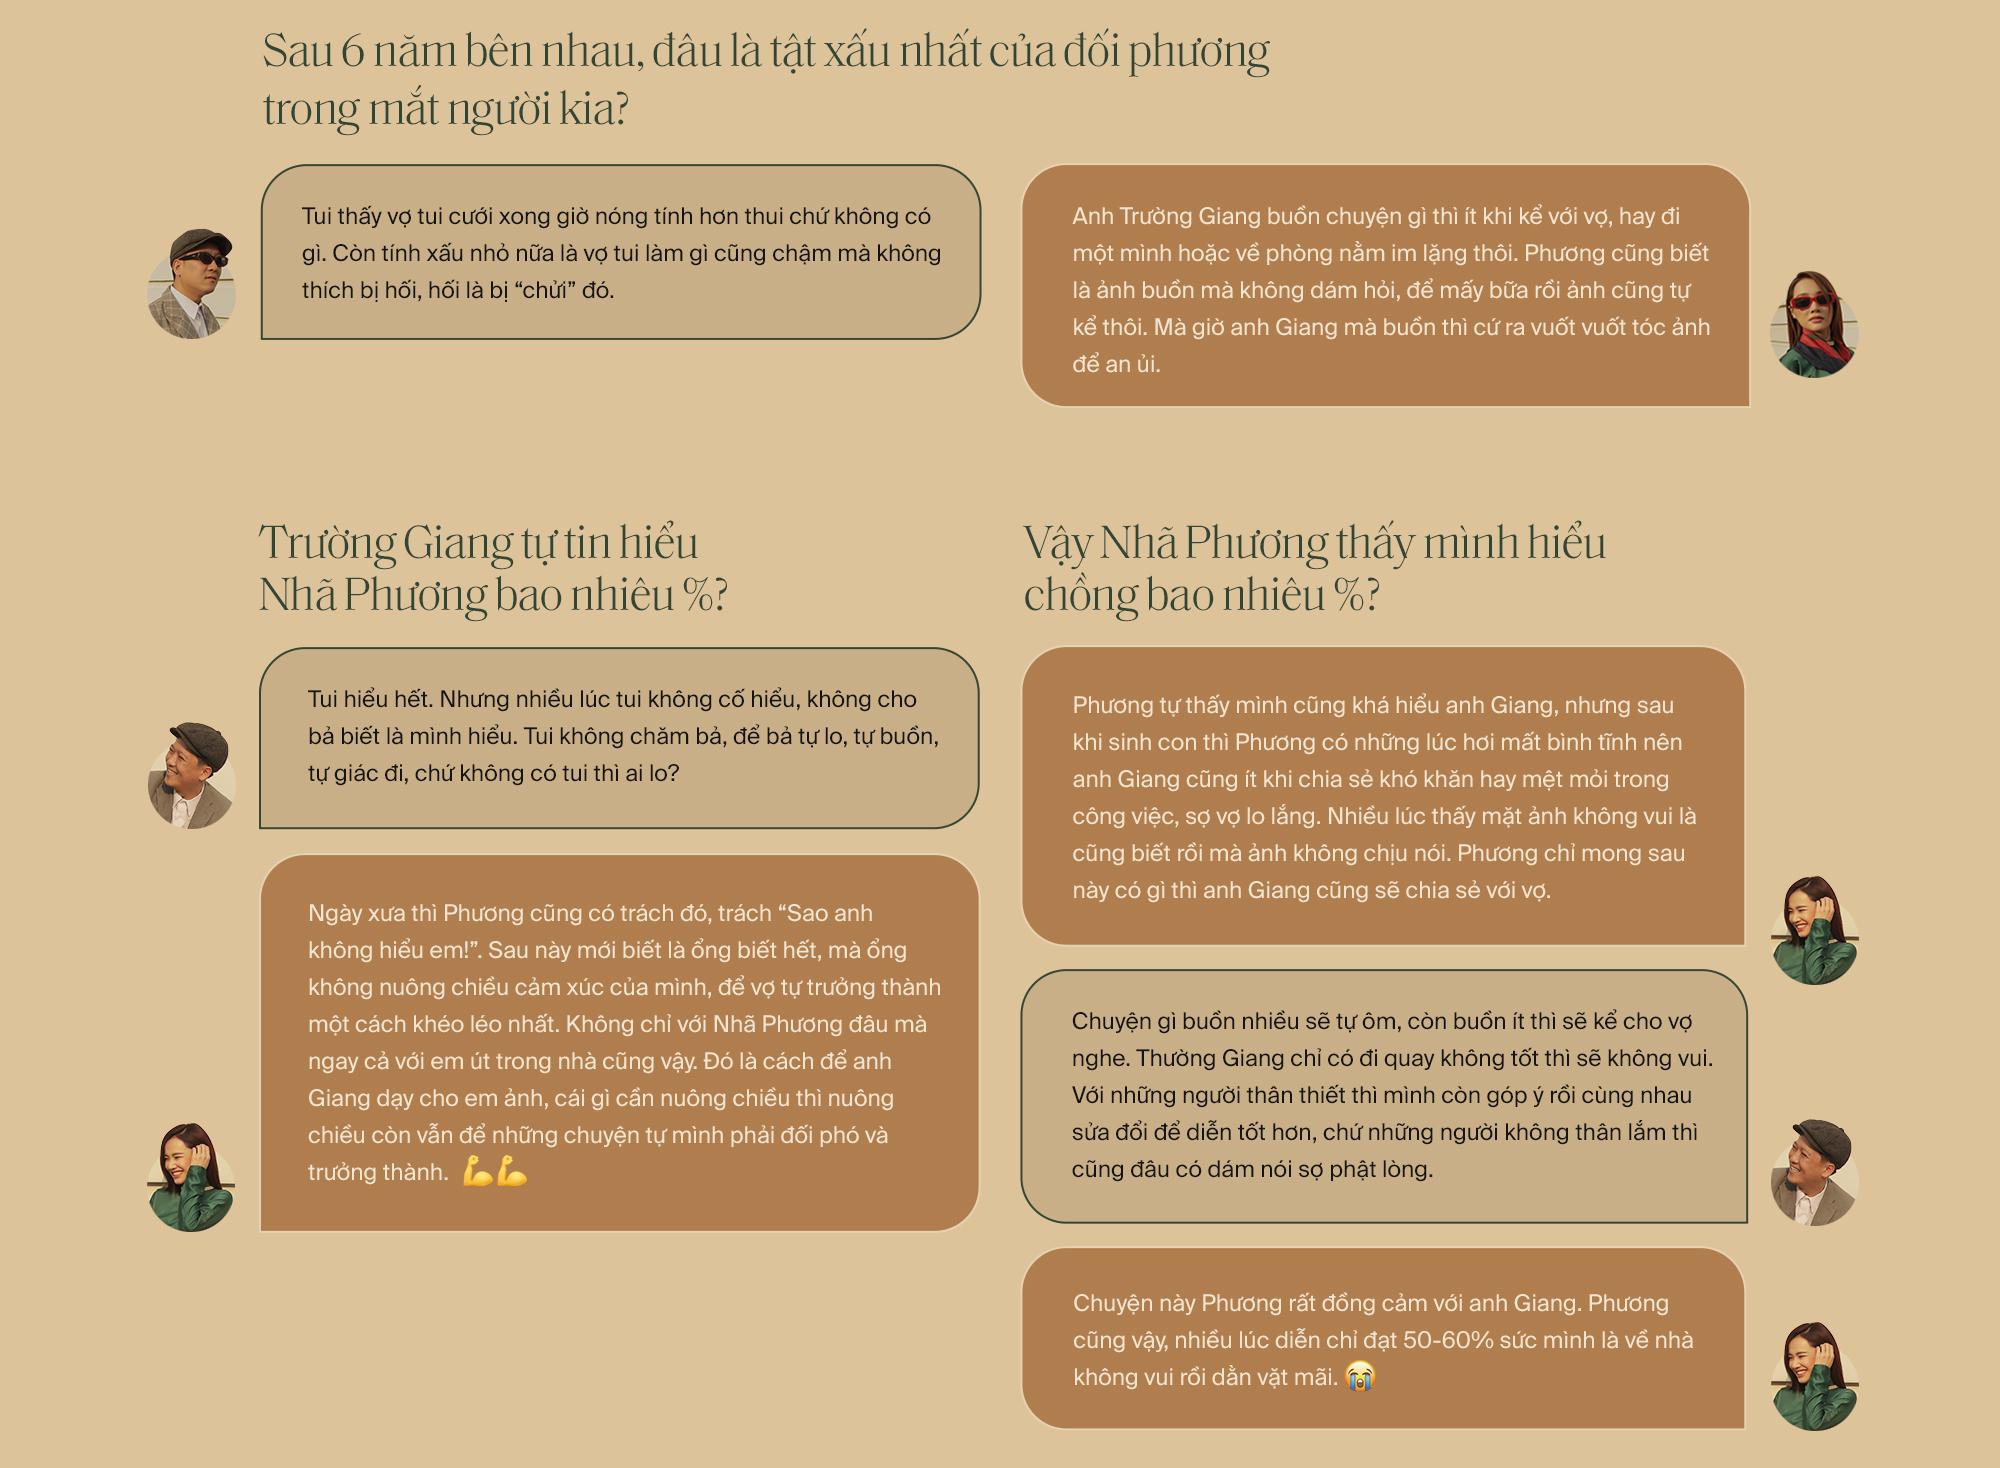 """Lần đầu tiên kể từ khi yêu nhau, Trường Giang - Nhã Phương cùng trả lời phỏng vấn: """"Vợ tui sướng nhất quận Phú Nhuận luôn"""" - Ảnh 25."""